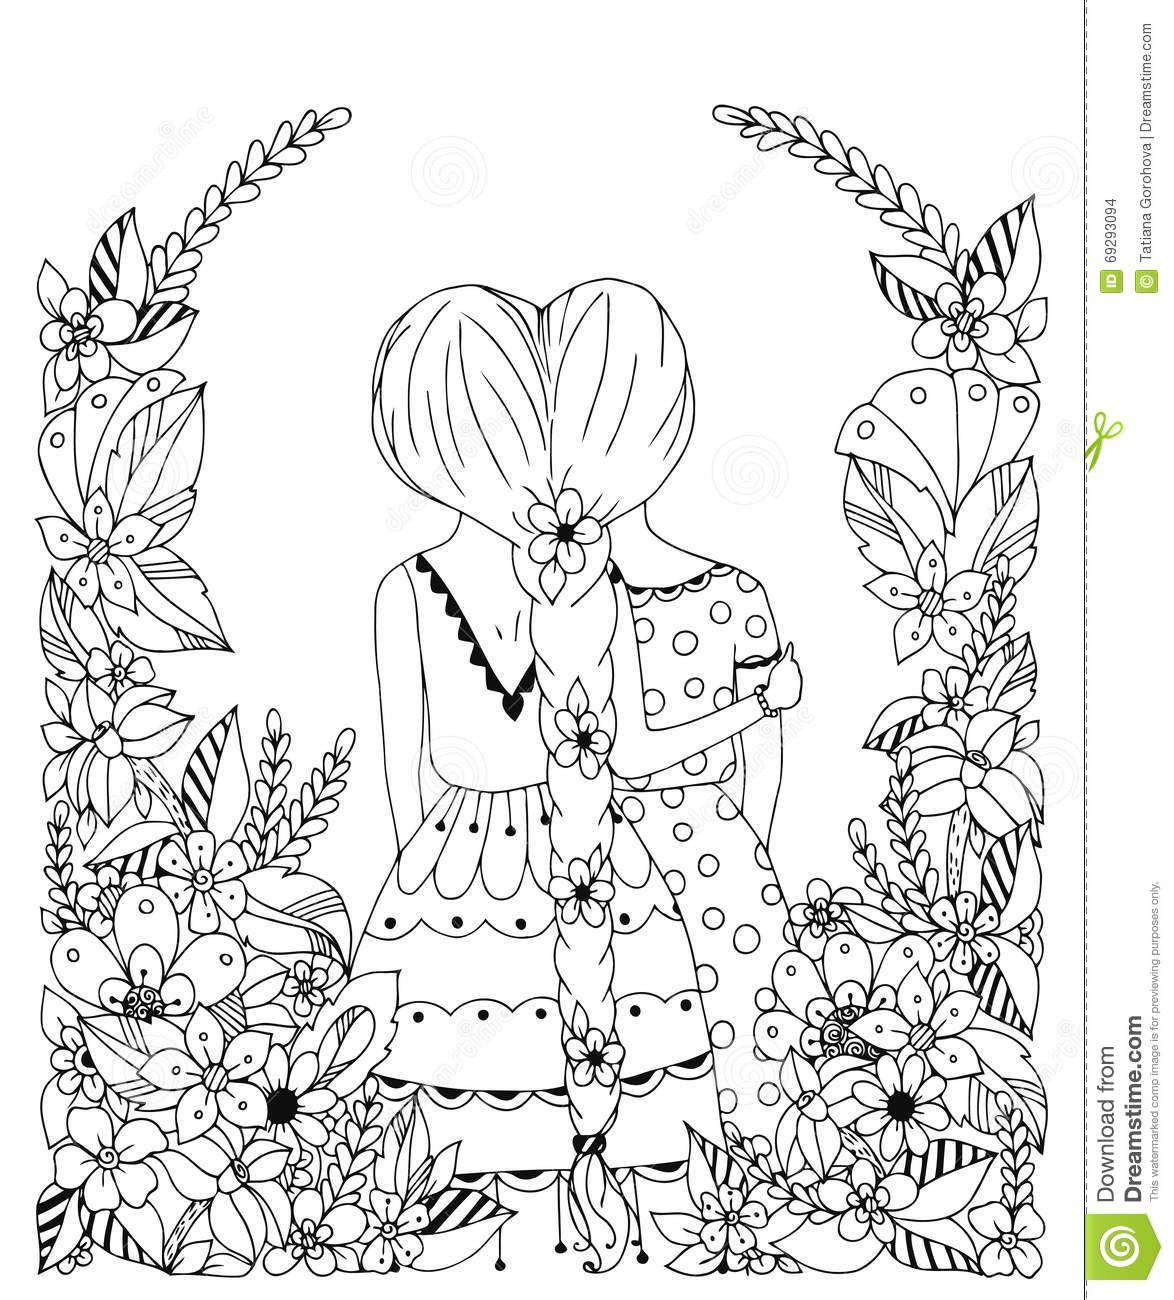 Vector Illustration Zentangl Girl Friend In A Flower Frame Doodle Flowers Spit Back Hugs Friend Coloring Books Coloring Pages Coloring Pages Inspirational [ 1300 x 1174 Pixel ]